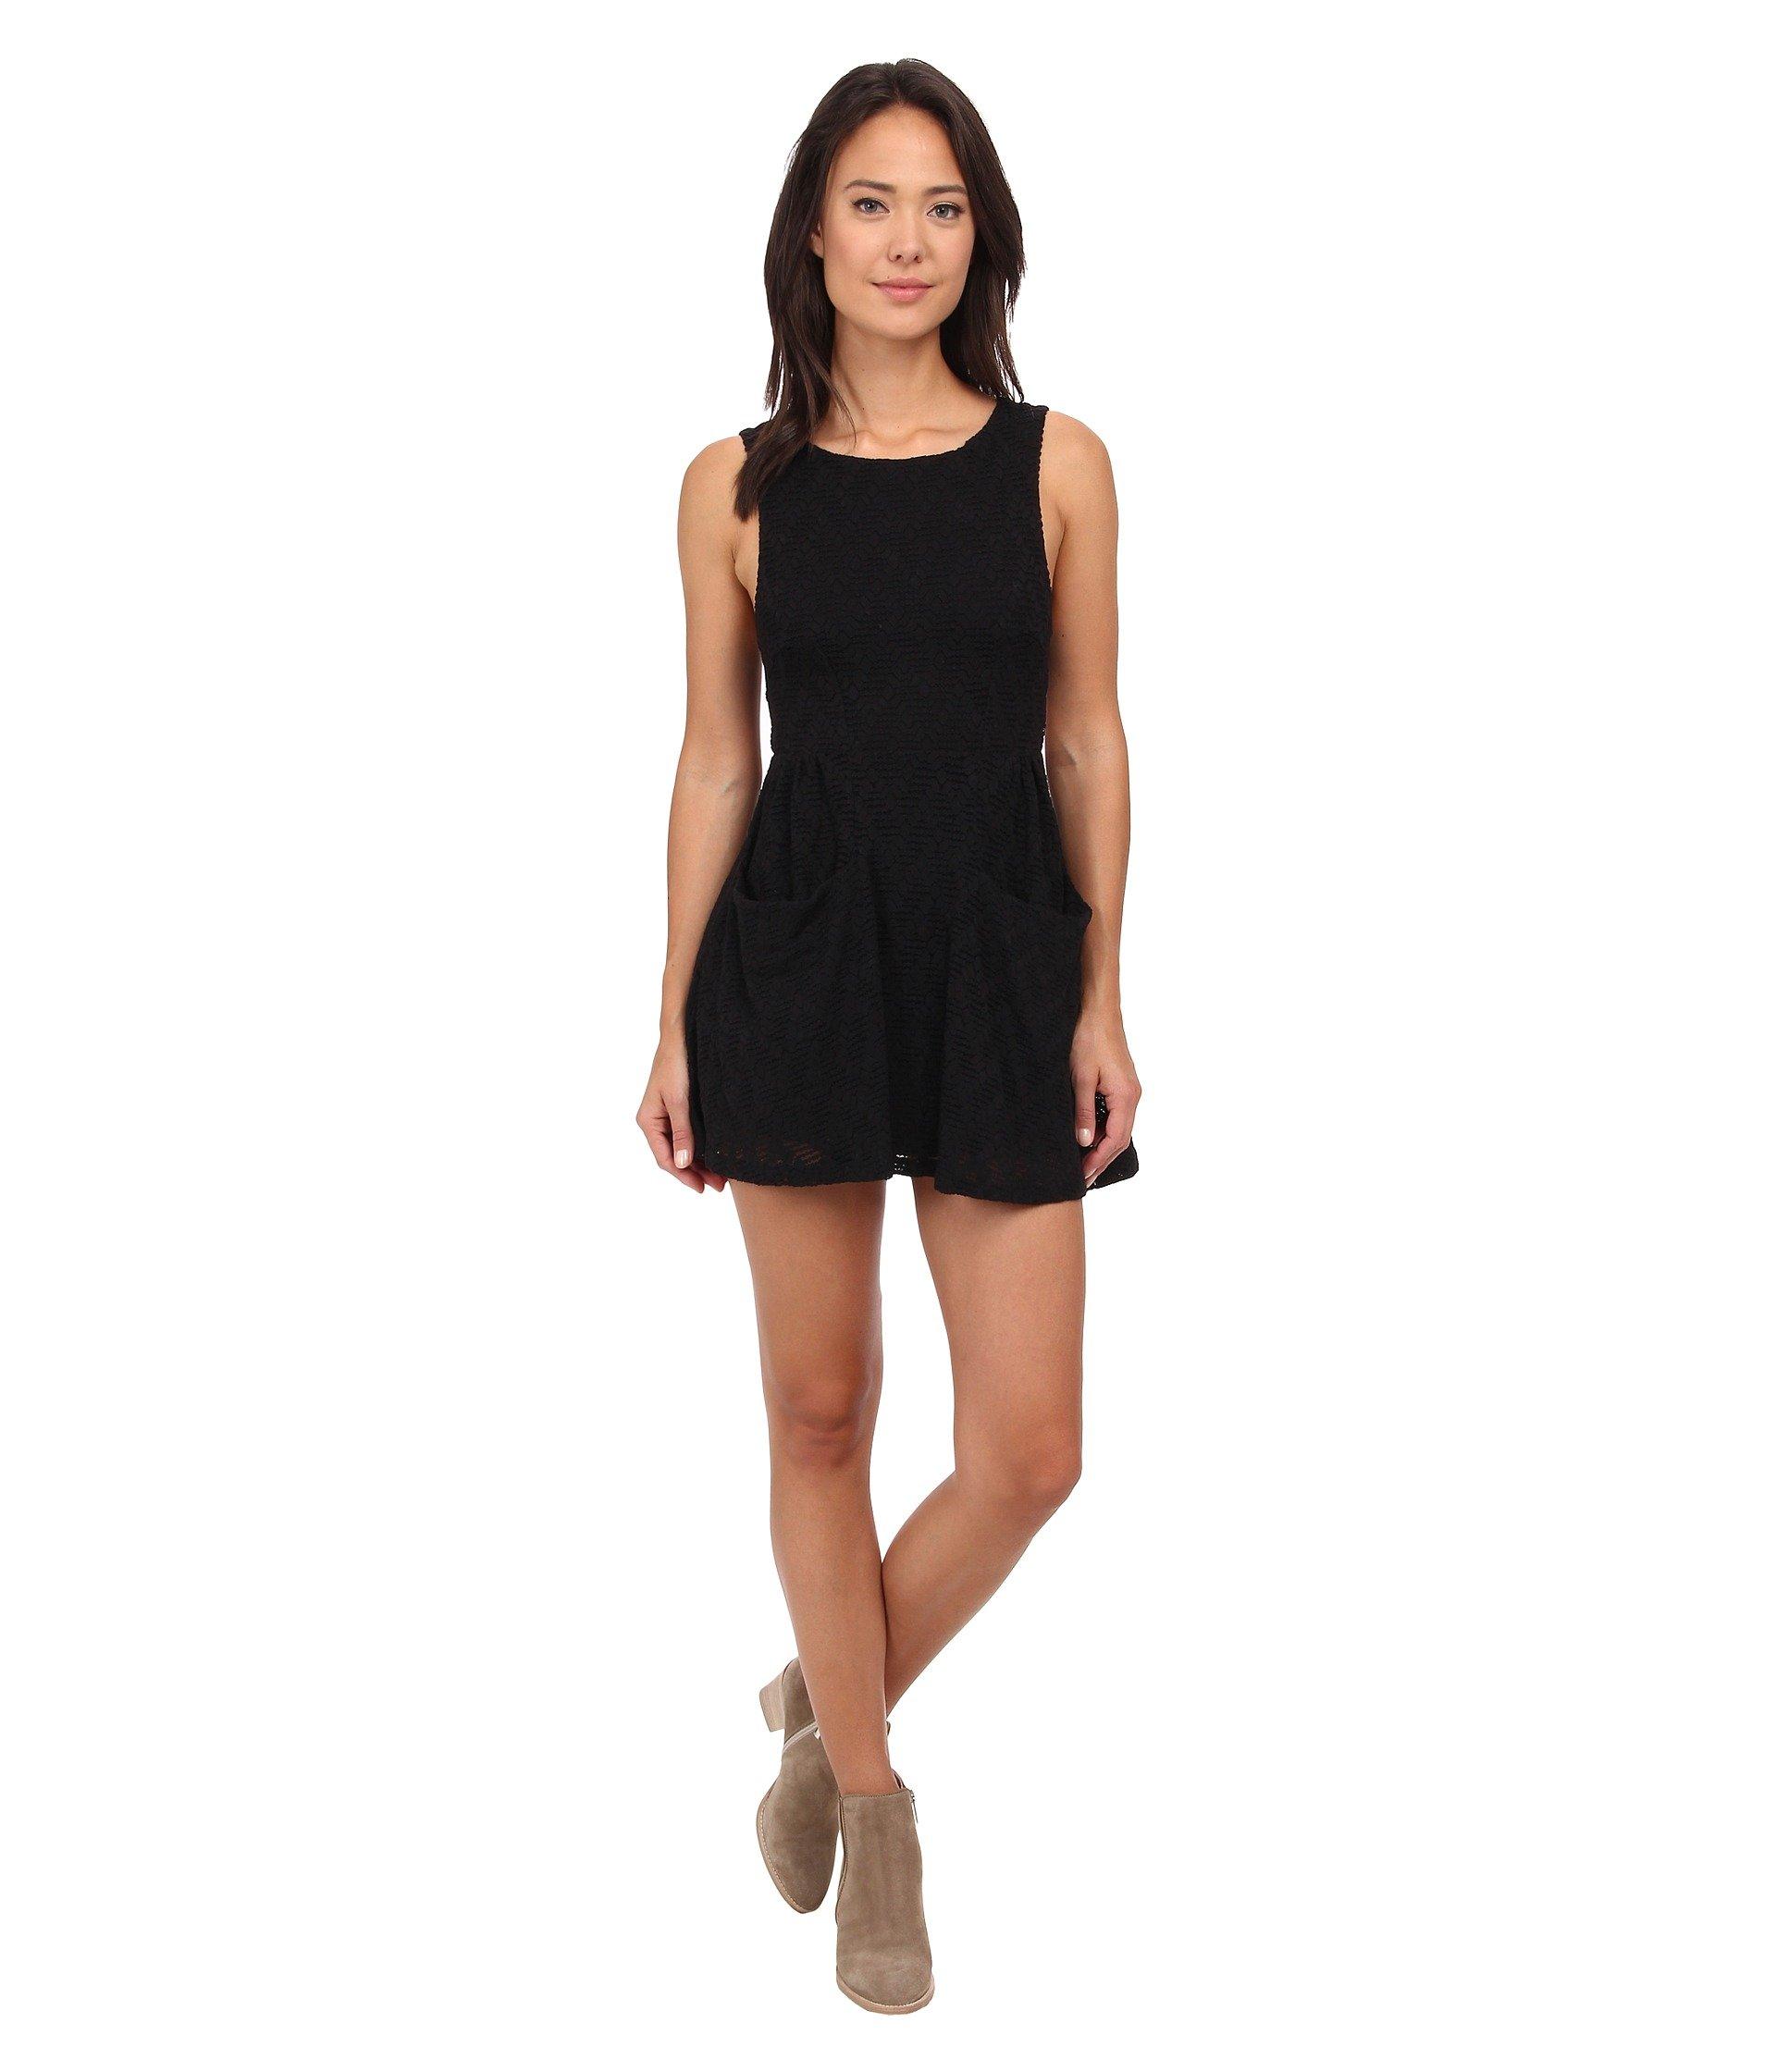 458cc6f556f3 Free People Textured Lace Poppy Mini Knit Dress In Black